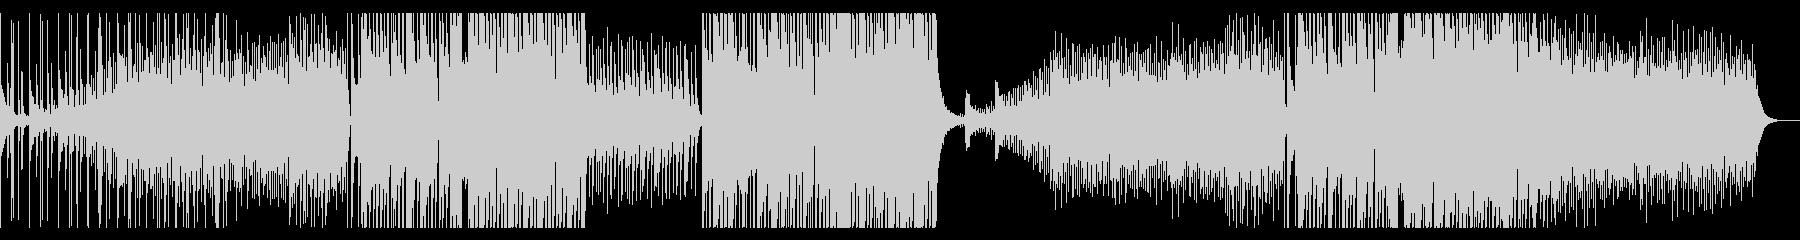 和風トラップトラック(三味線)の未再生の波形